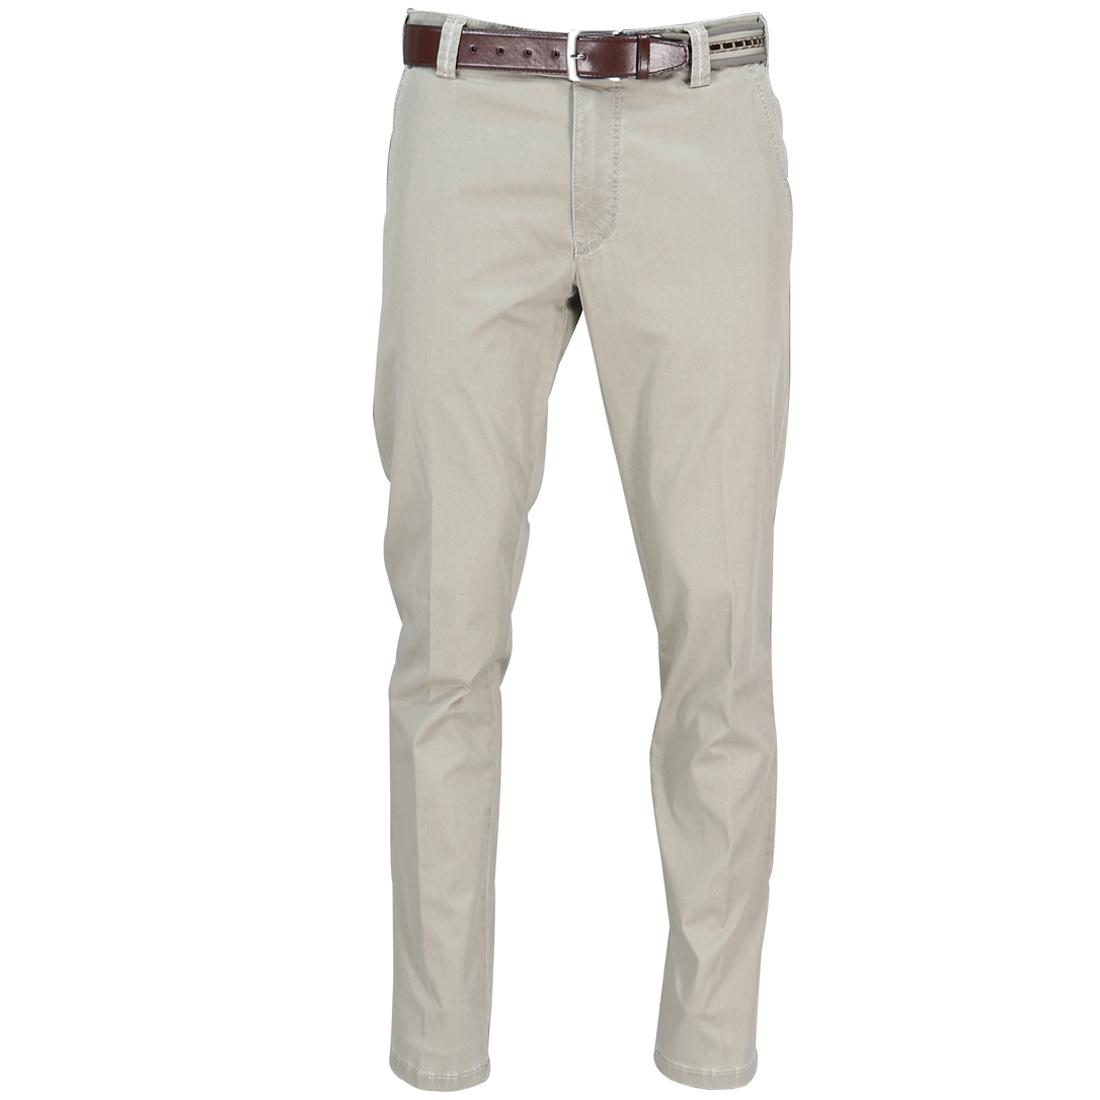 Meyer Hosen broeken 1021501800 in het Bruin